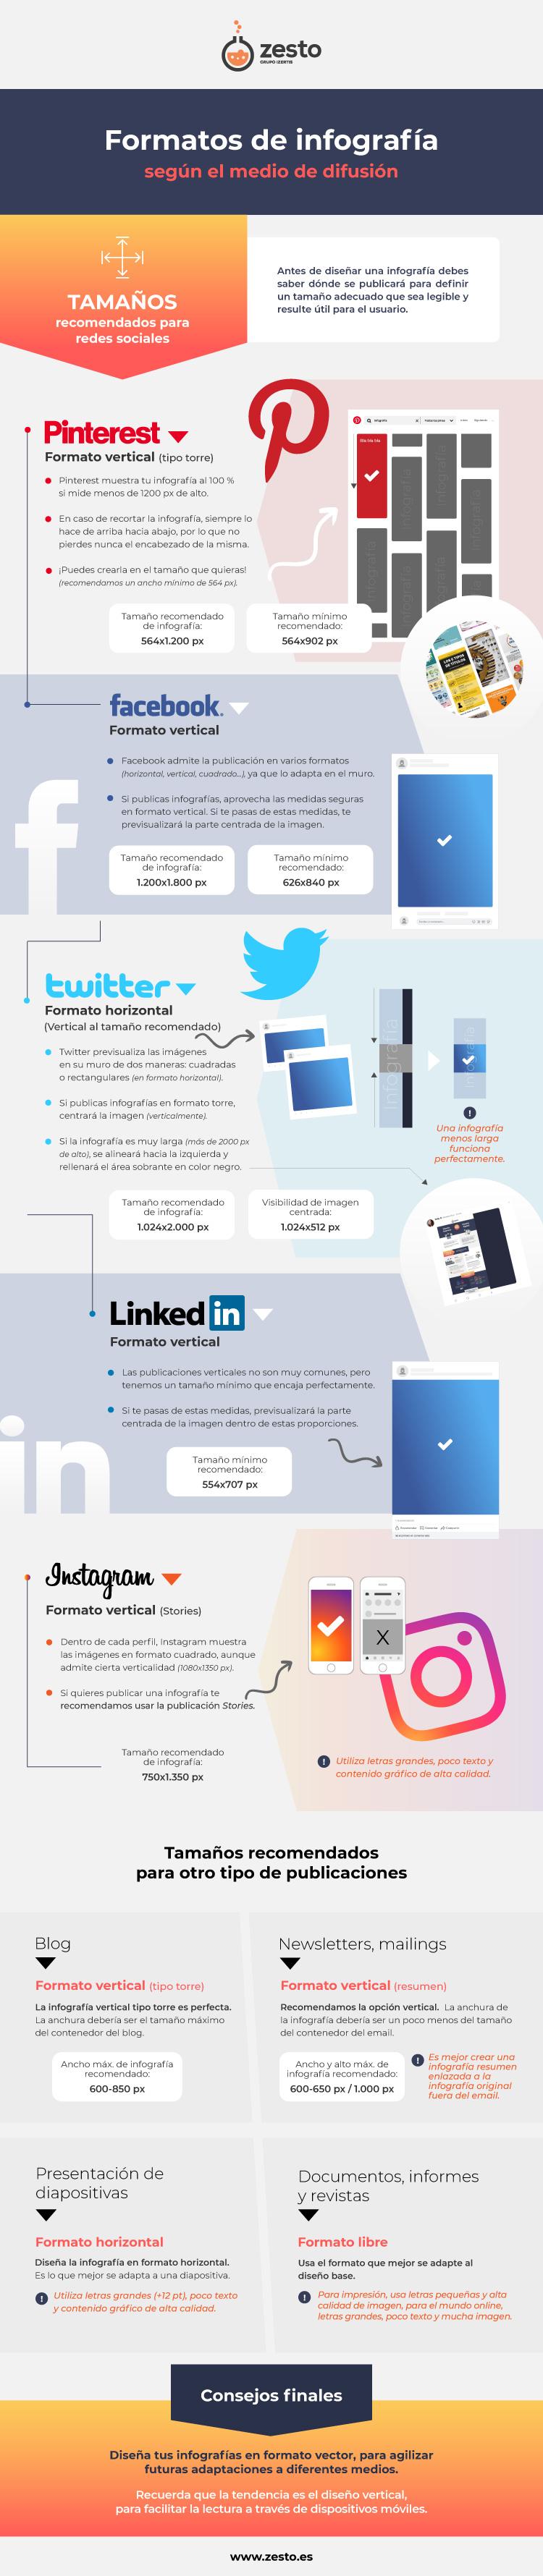 Diferentes formatos de infografías en función de la red social